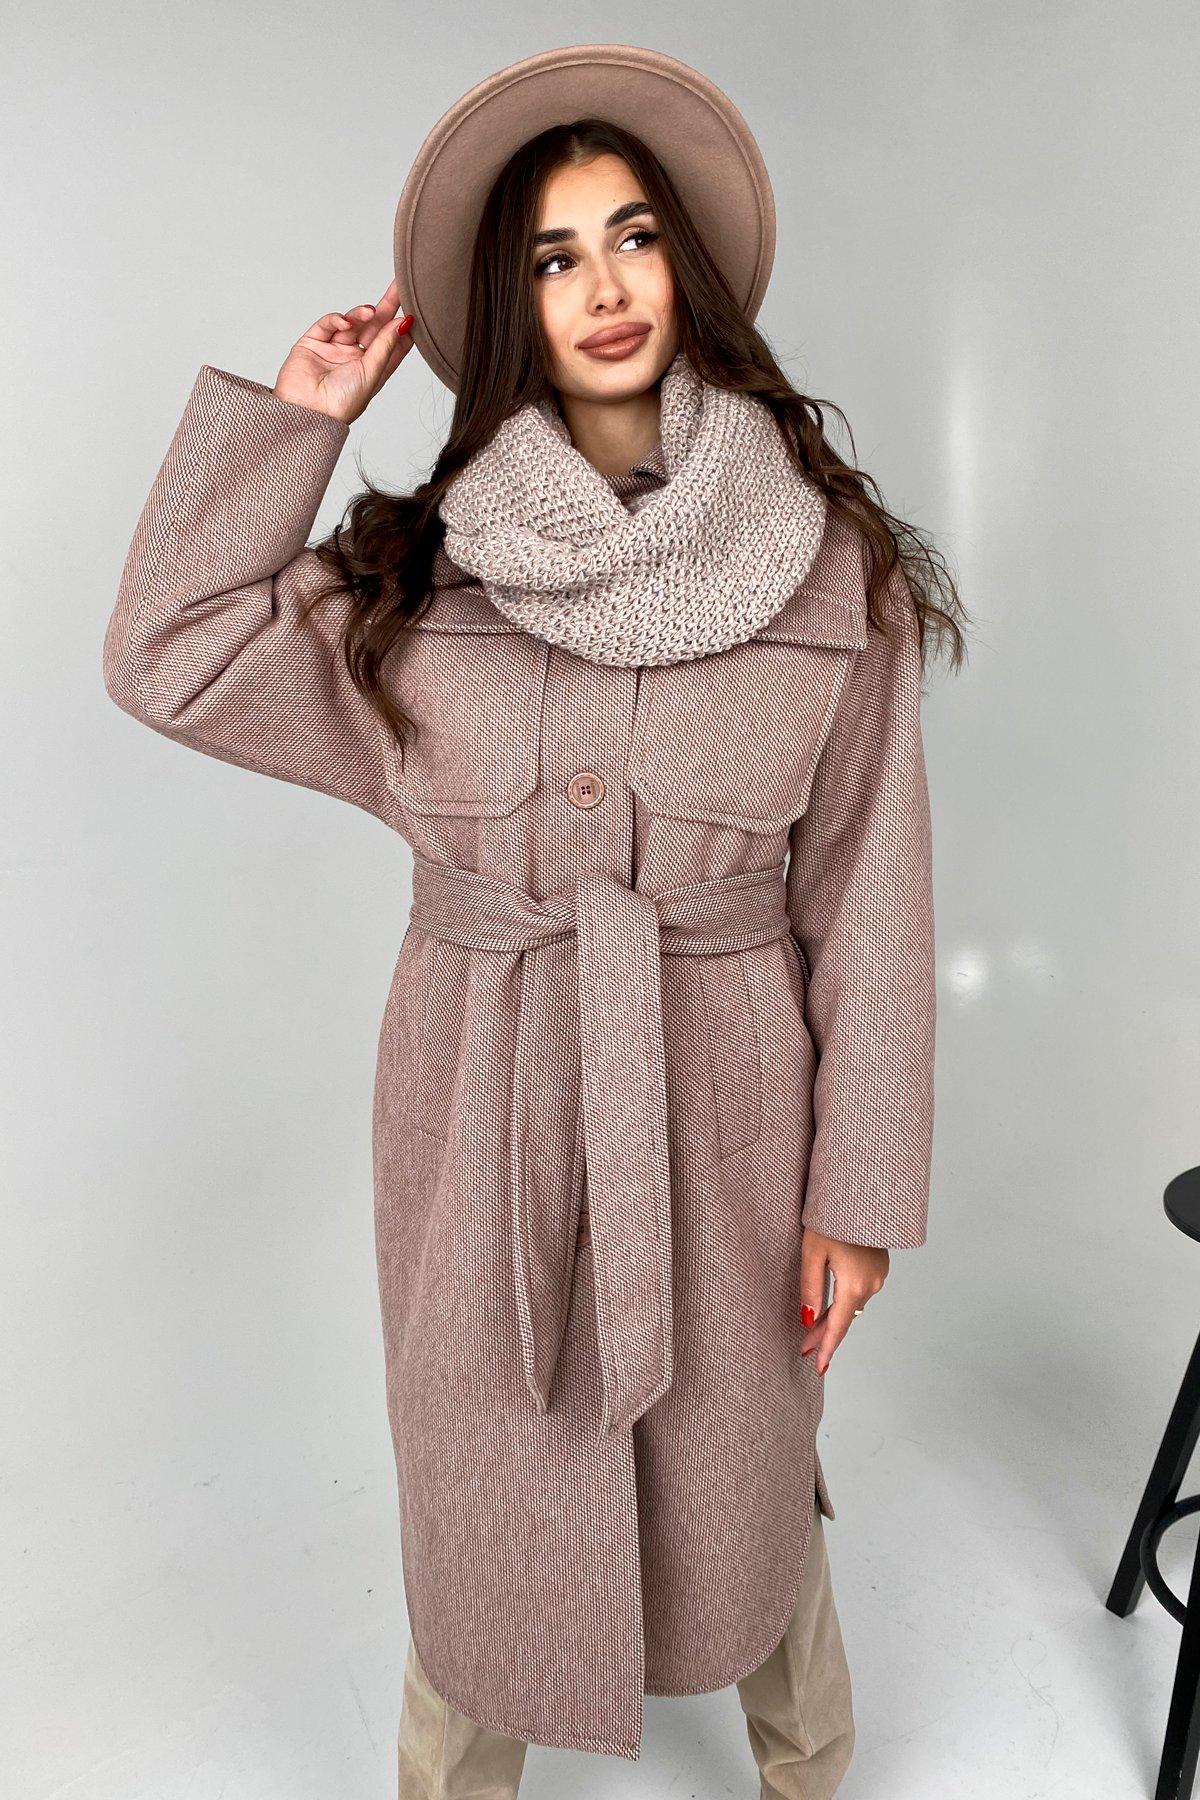 Ола модена пальтовая ткань зима Шарф пальто 10217 АРТ. 46506 Цвет: Светлый шоколад - фото 5, интернет магазин tm-modus.ru